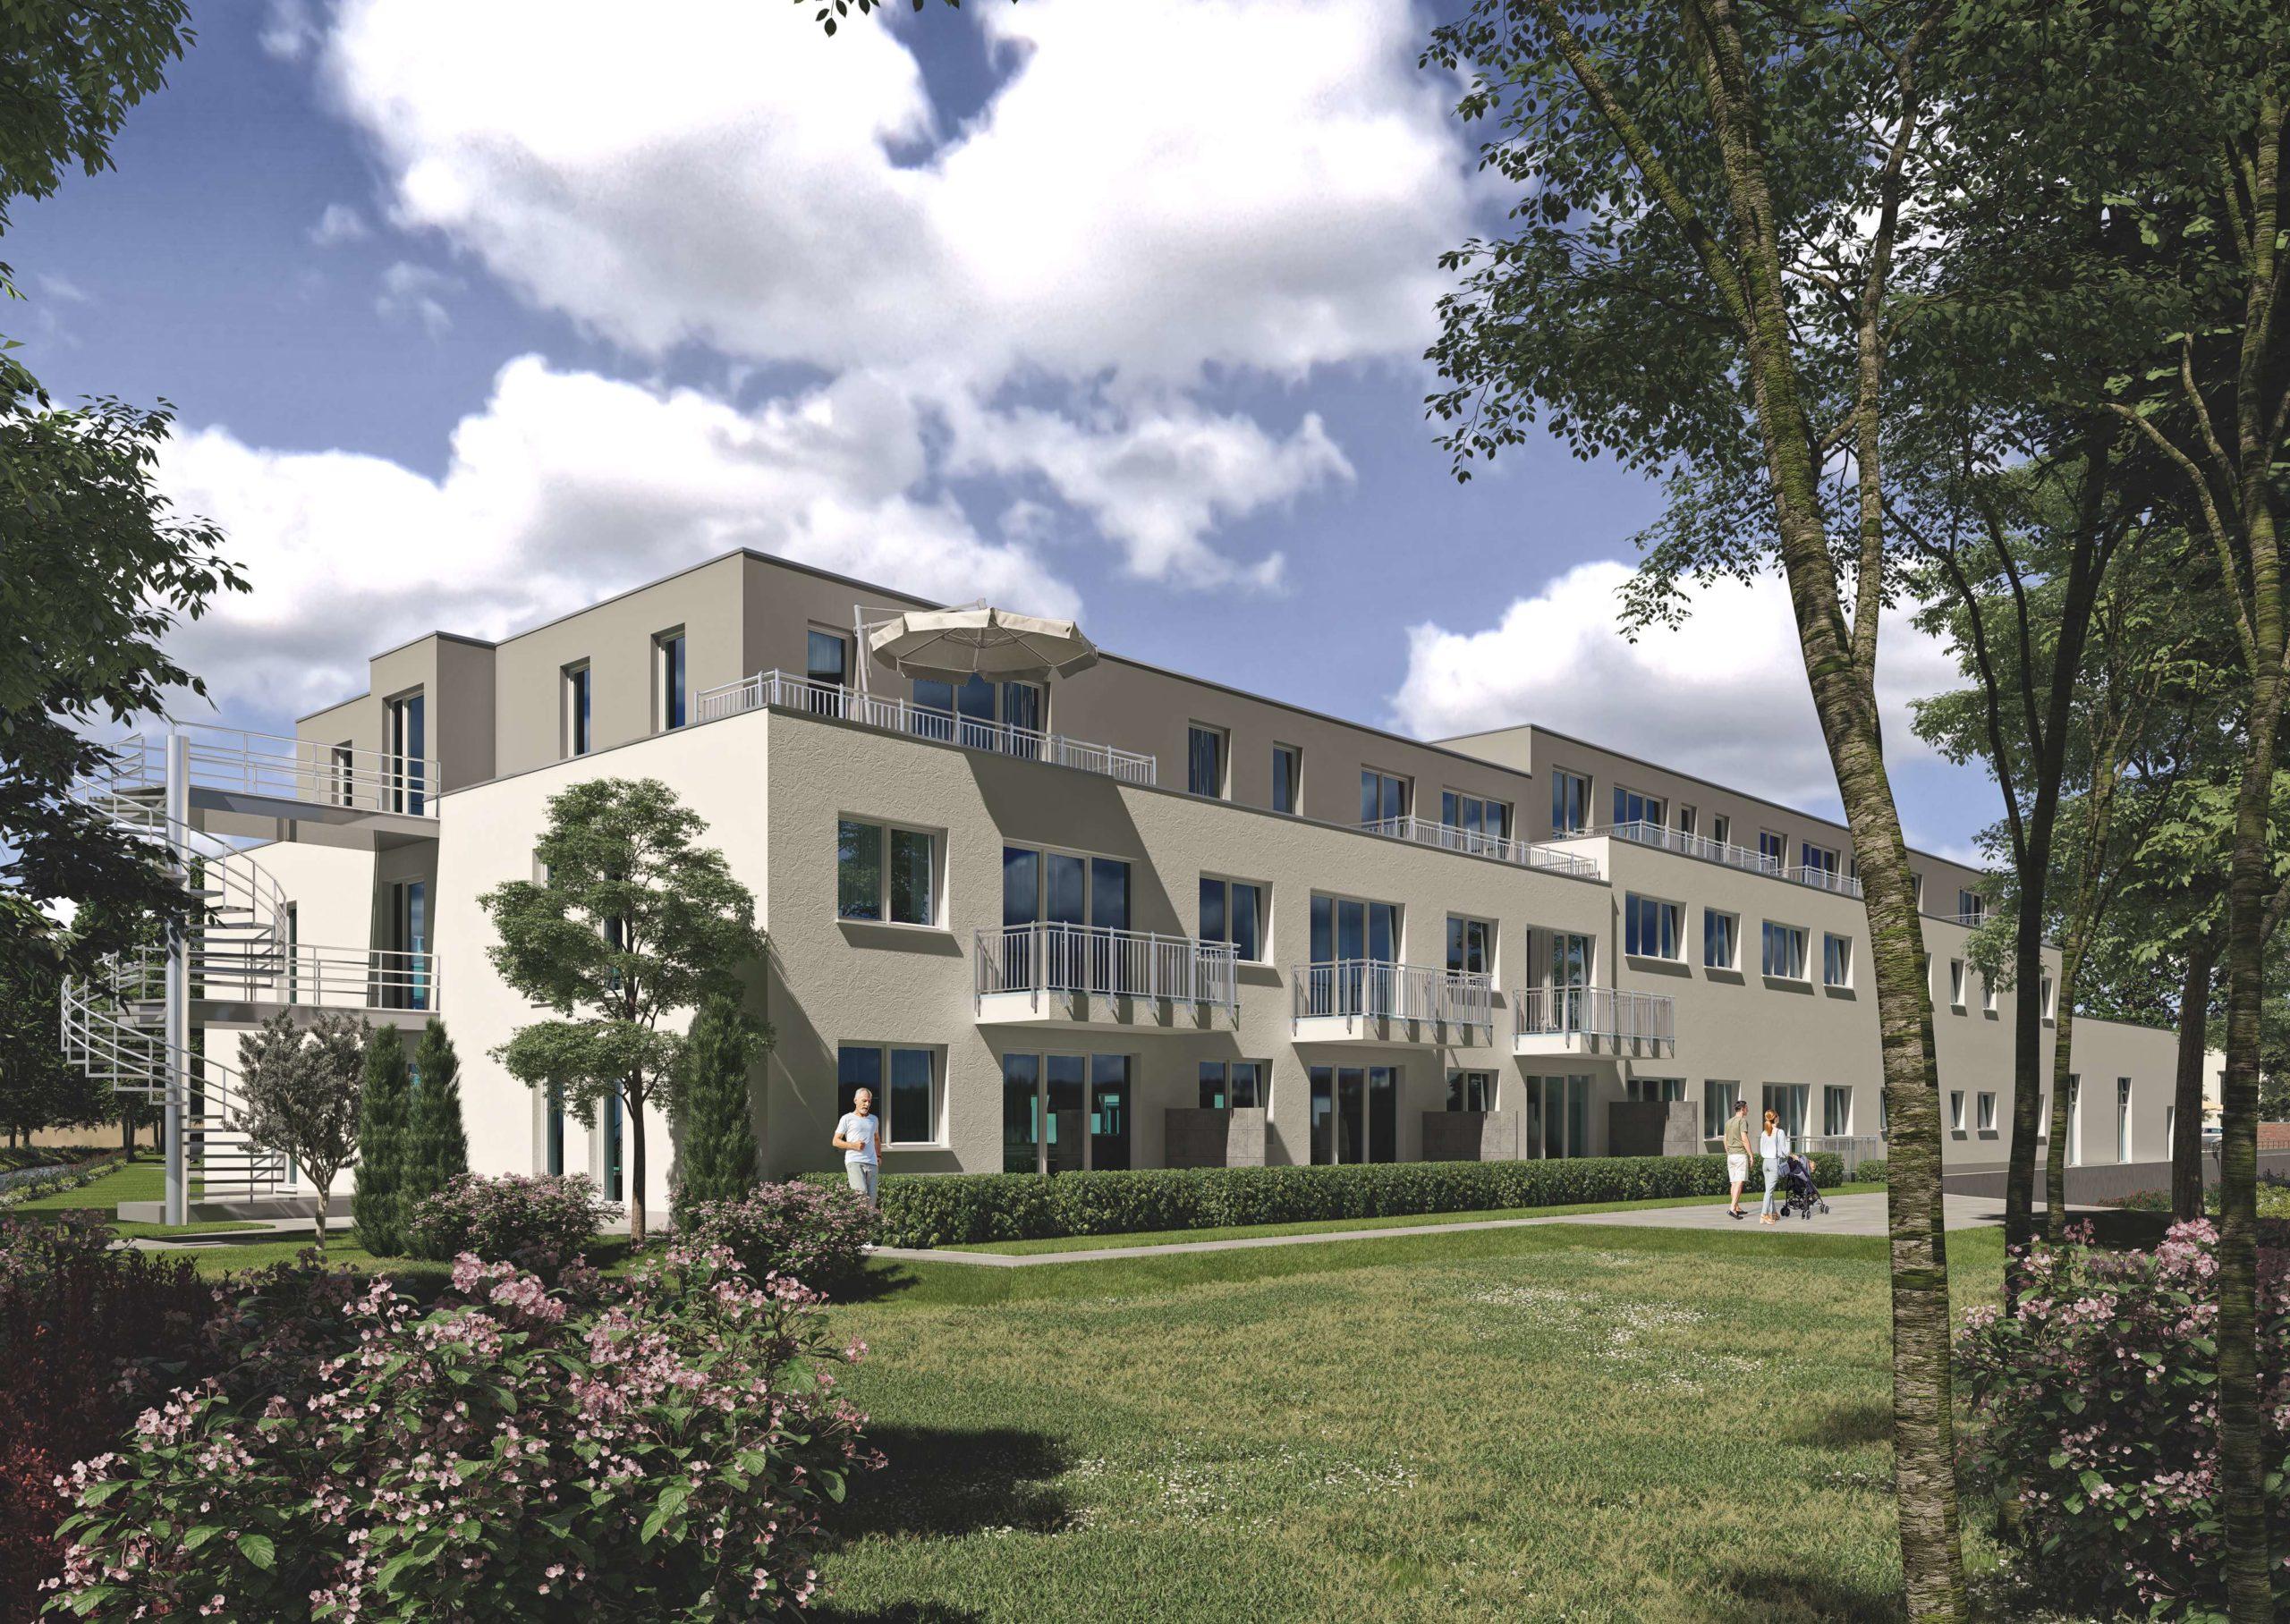 Sicher umsorgt wohnen. 2- bis 3-Raum-Wohnungen in Düren-Mariaweiler